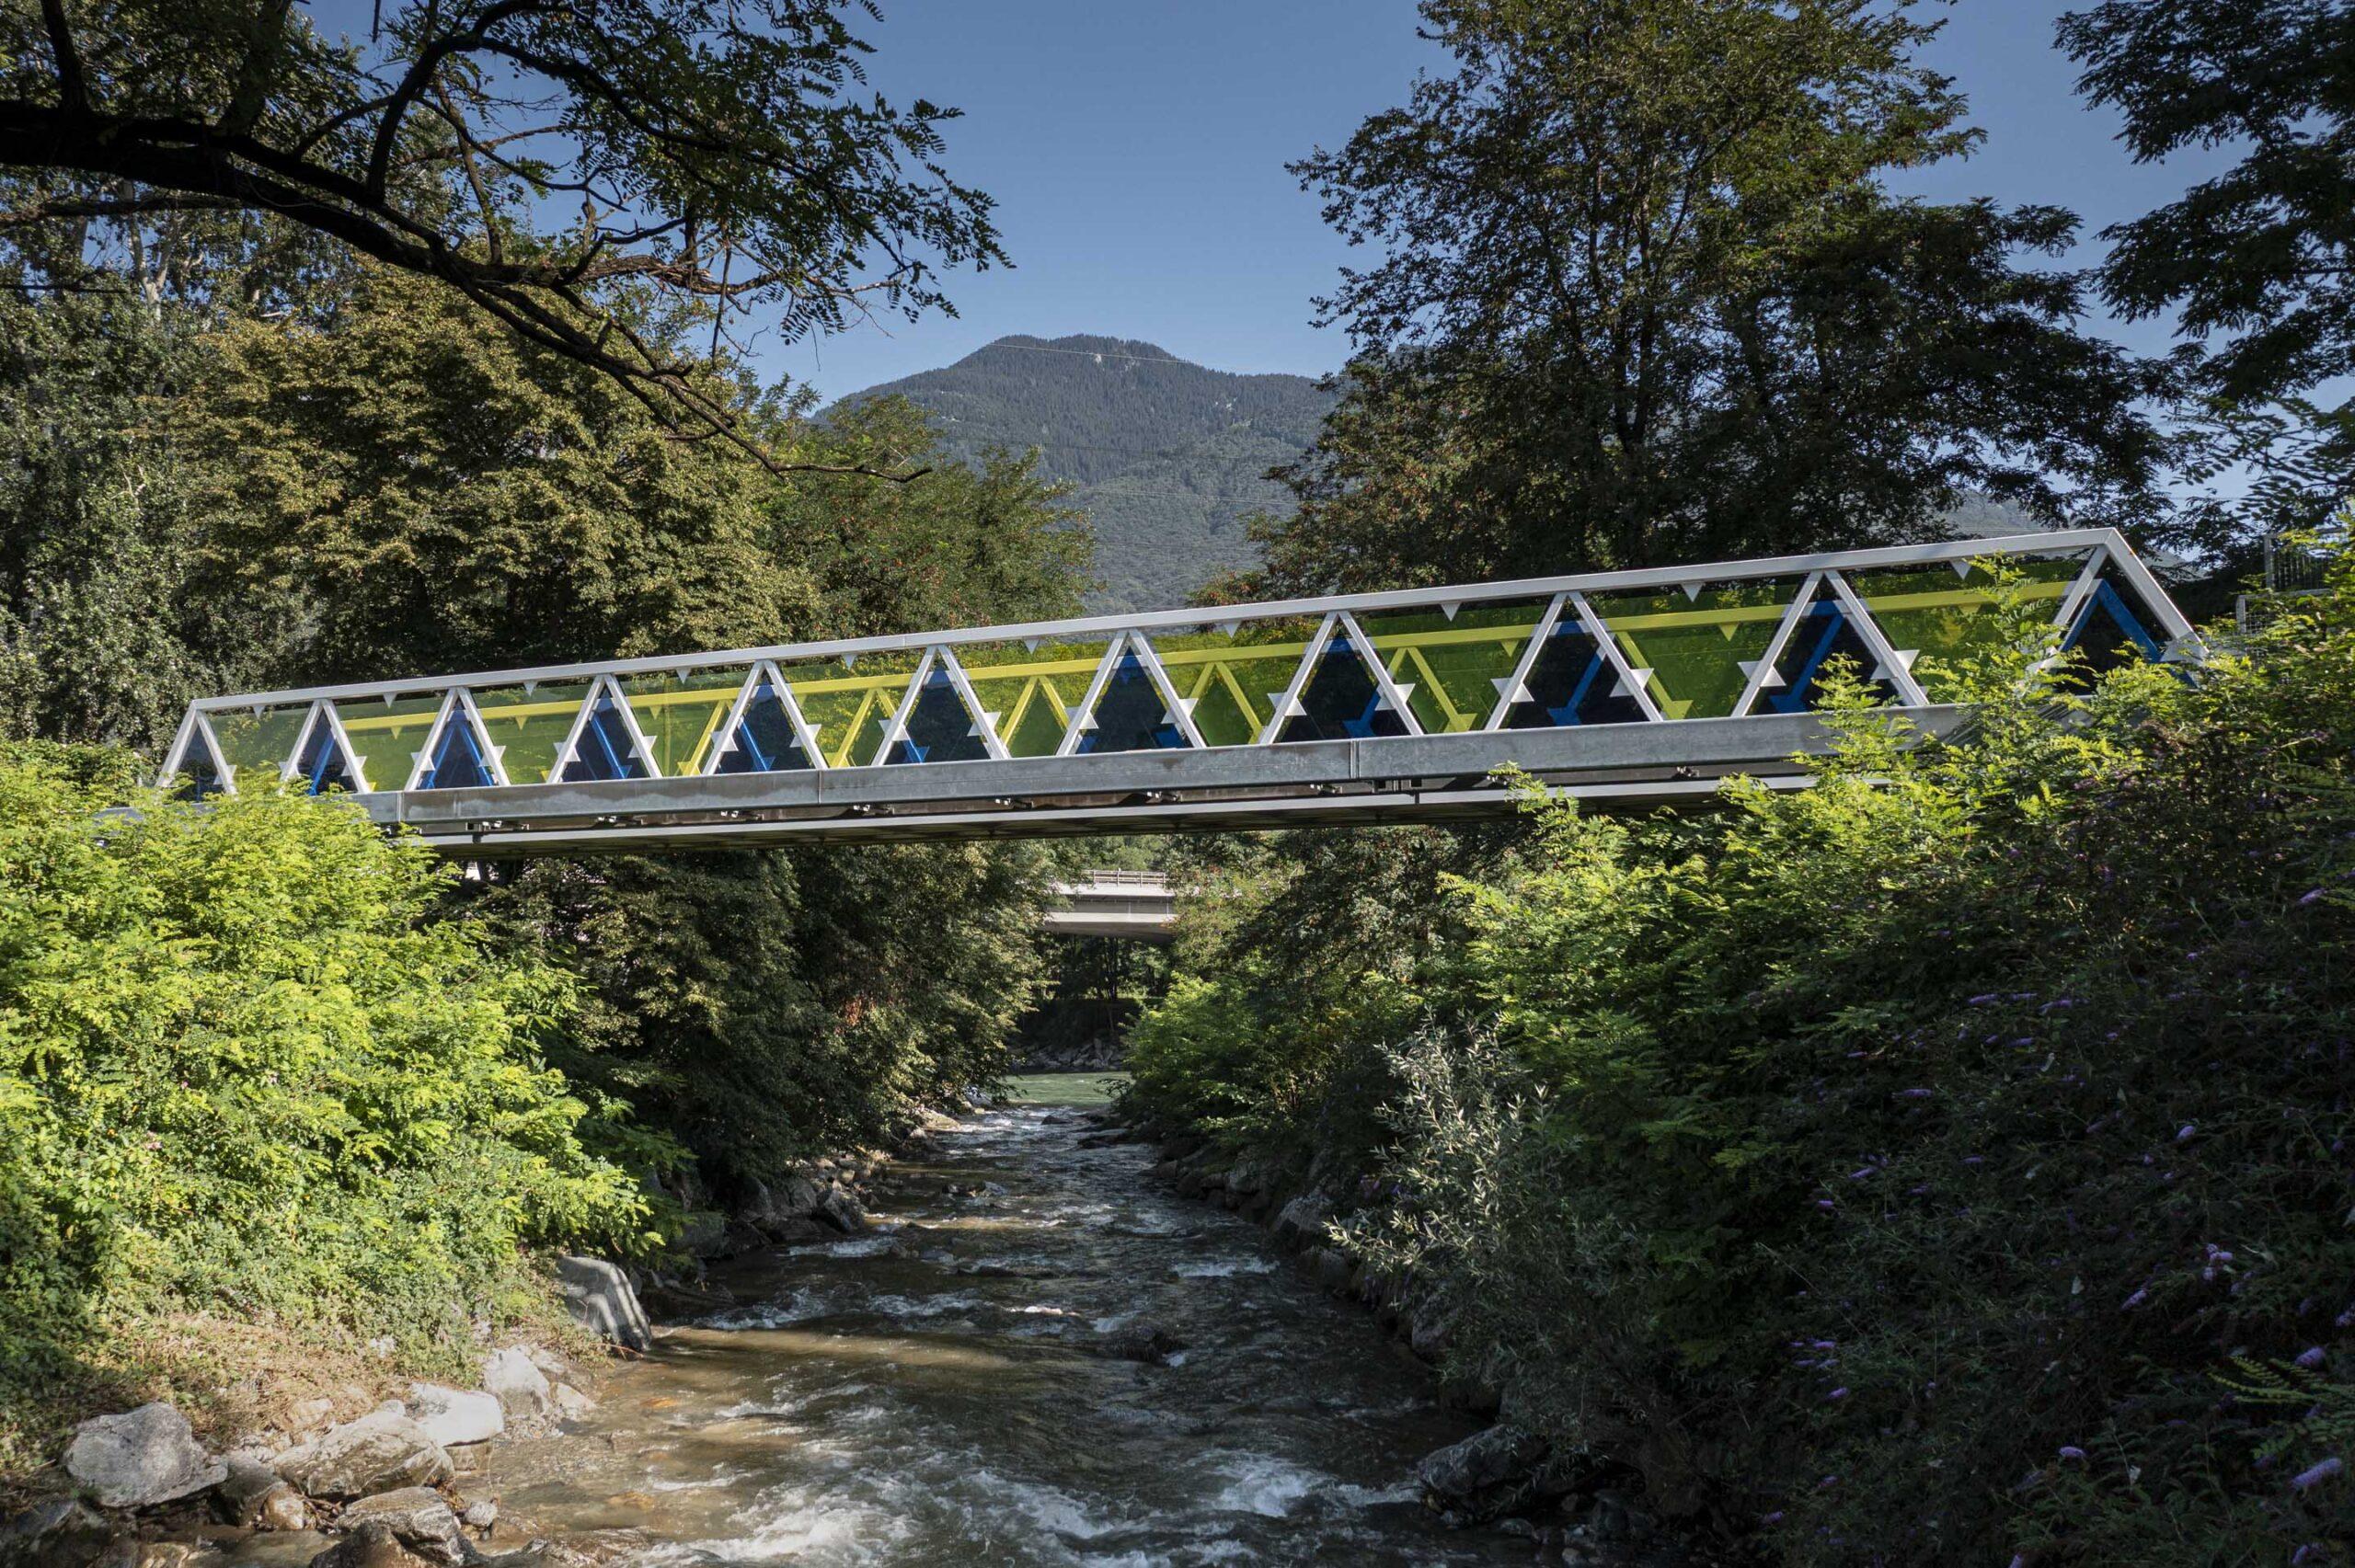 Passerella sul fiume Morobbia, Enrico Sassi Architetto, foto Alberto Canepa